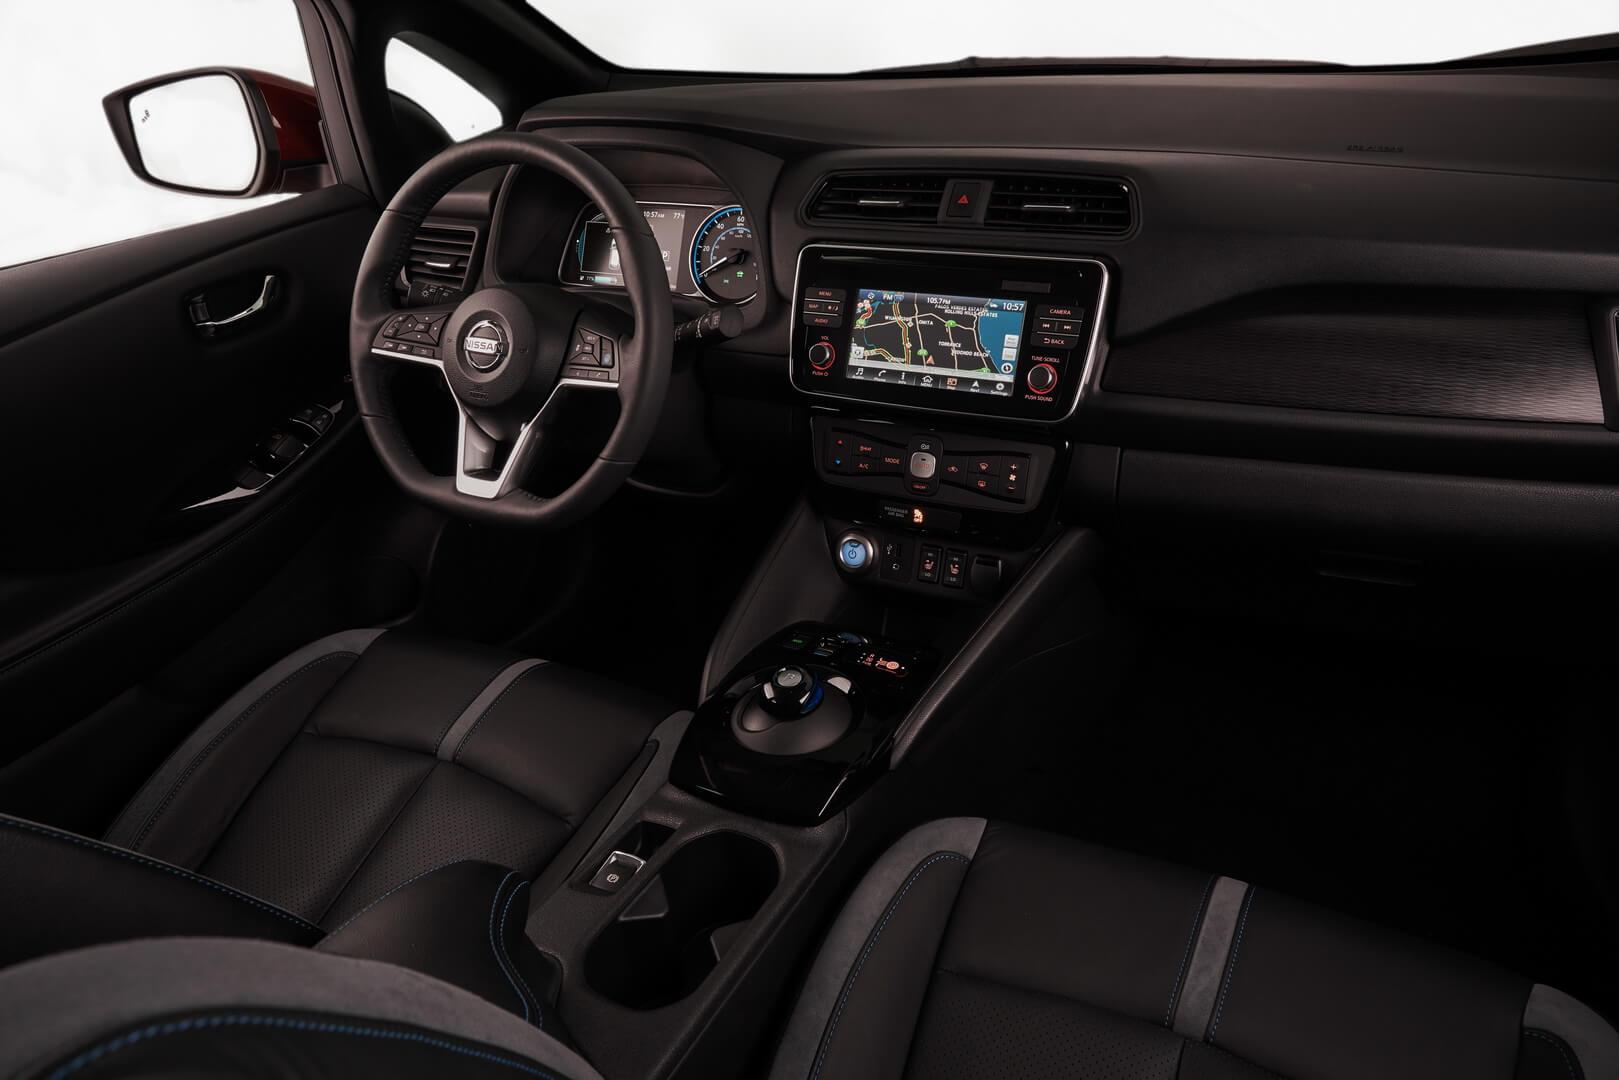 Інтер'єр салону електромобіля Nissan Leaf 2018